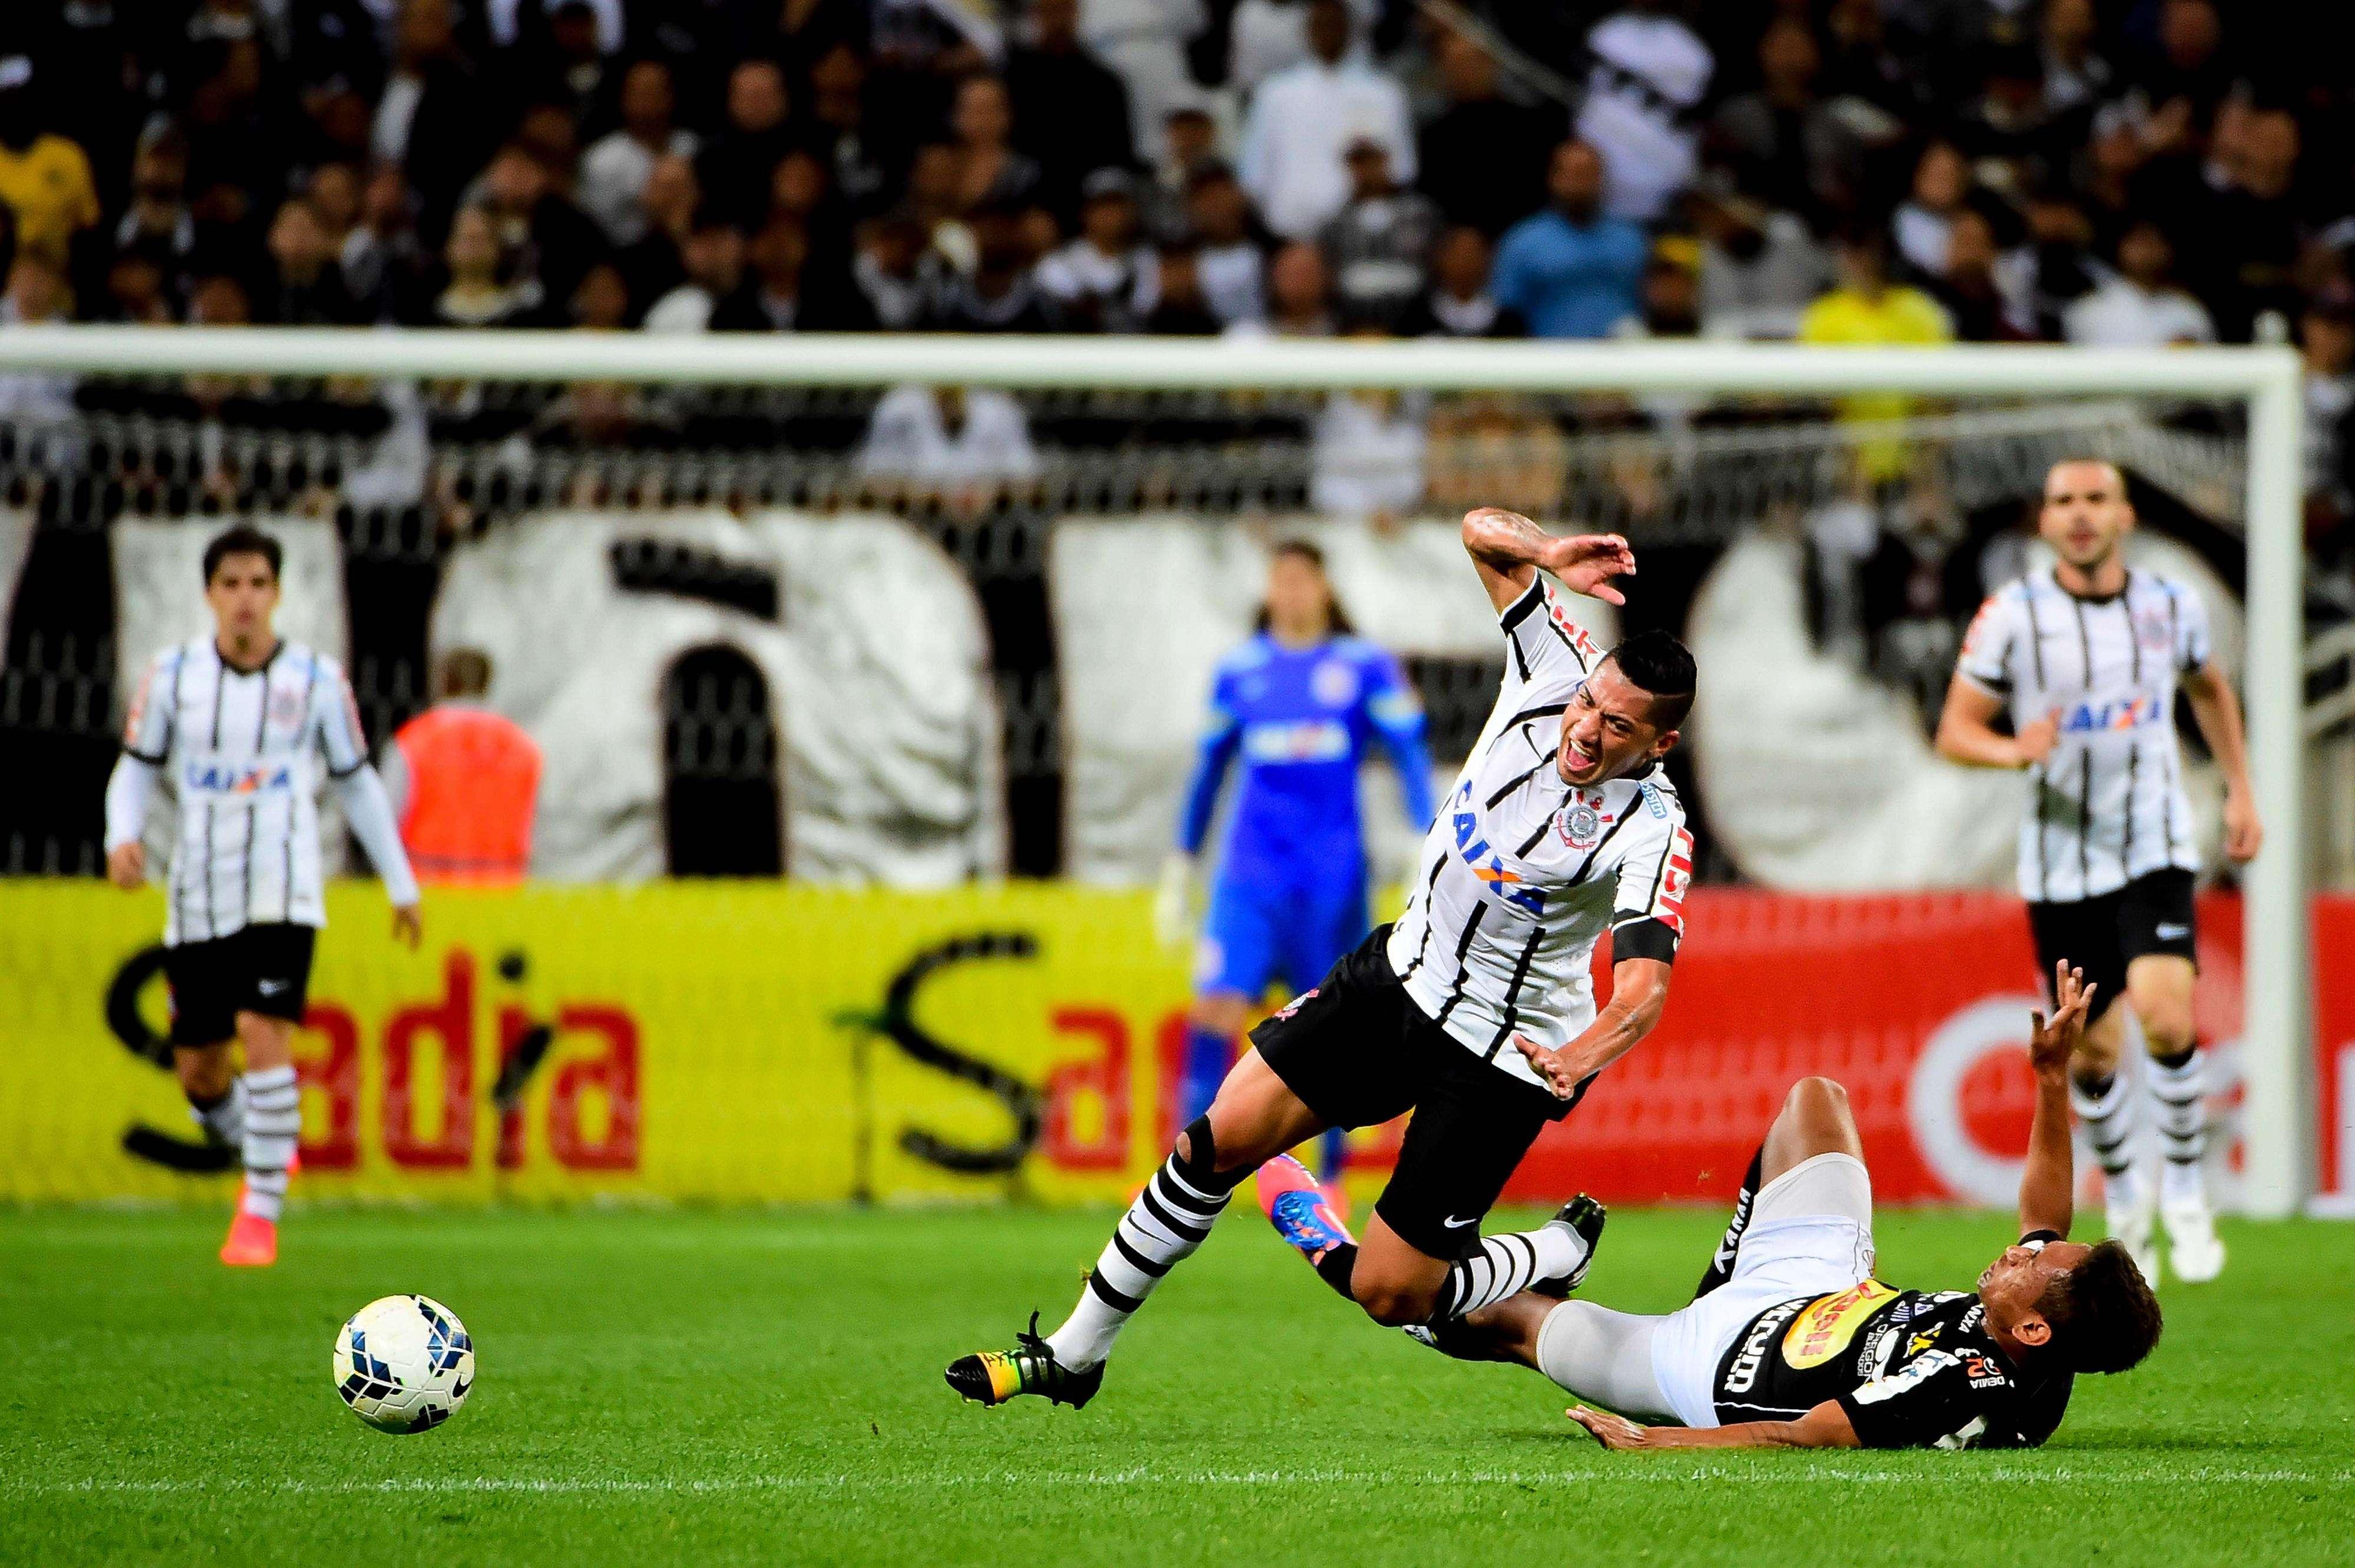 Ralf sofre com a marcação do Bragantino Foto: Sergio Barzaghi/Gazeta Press